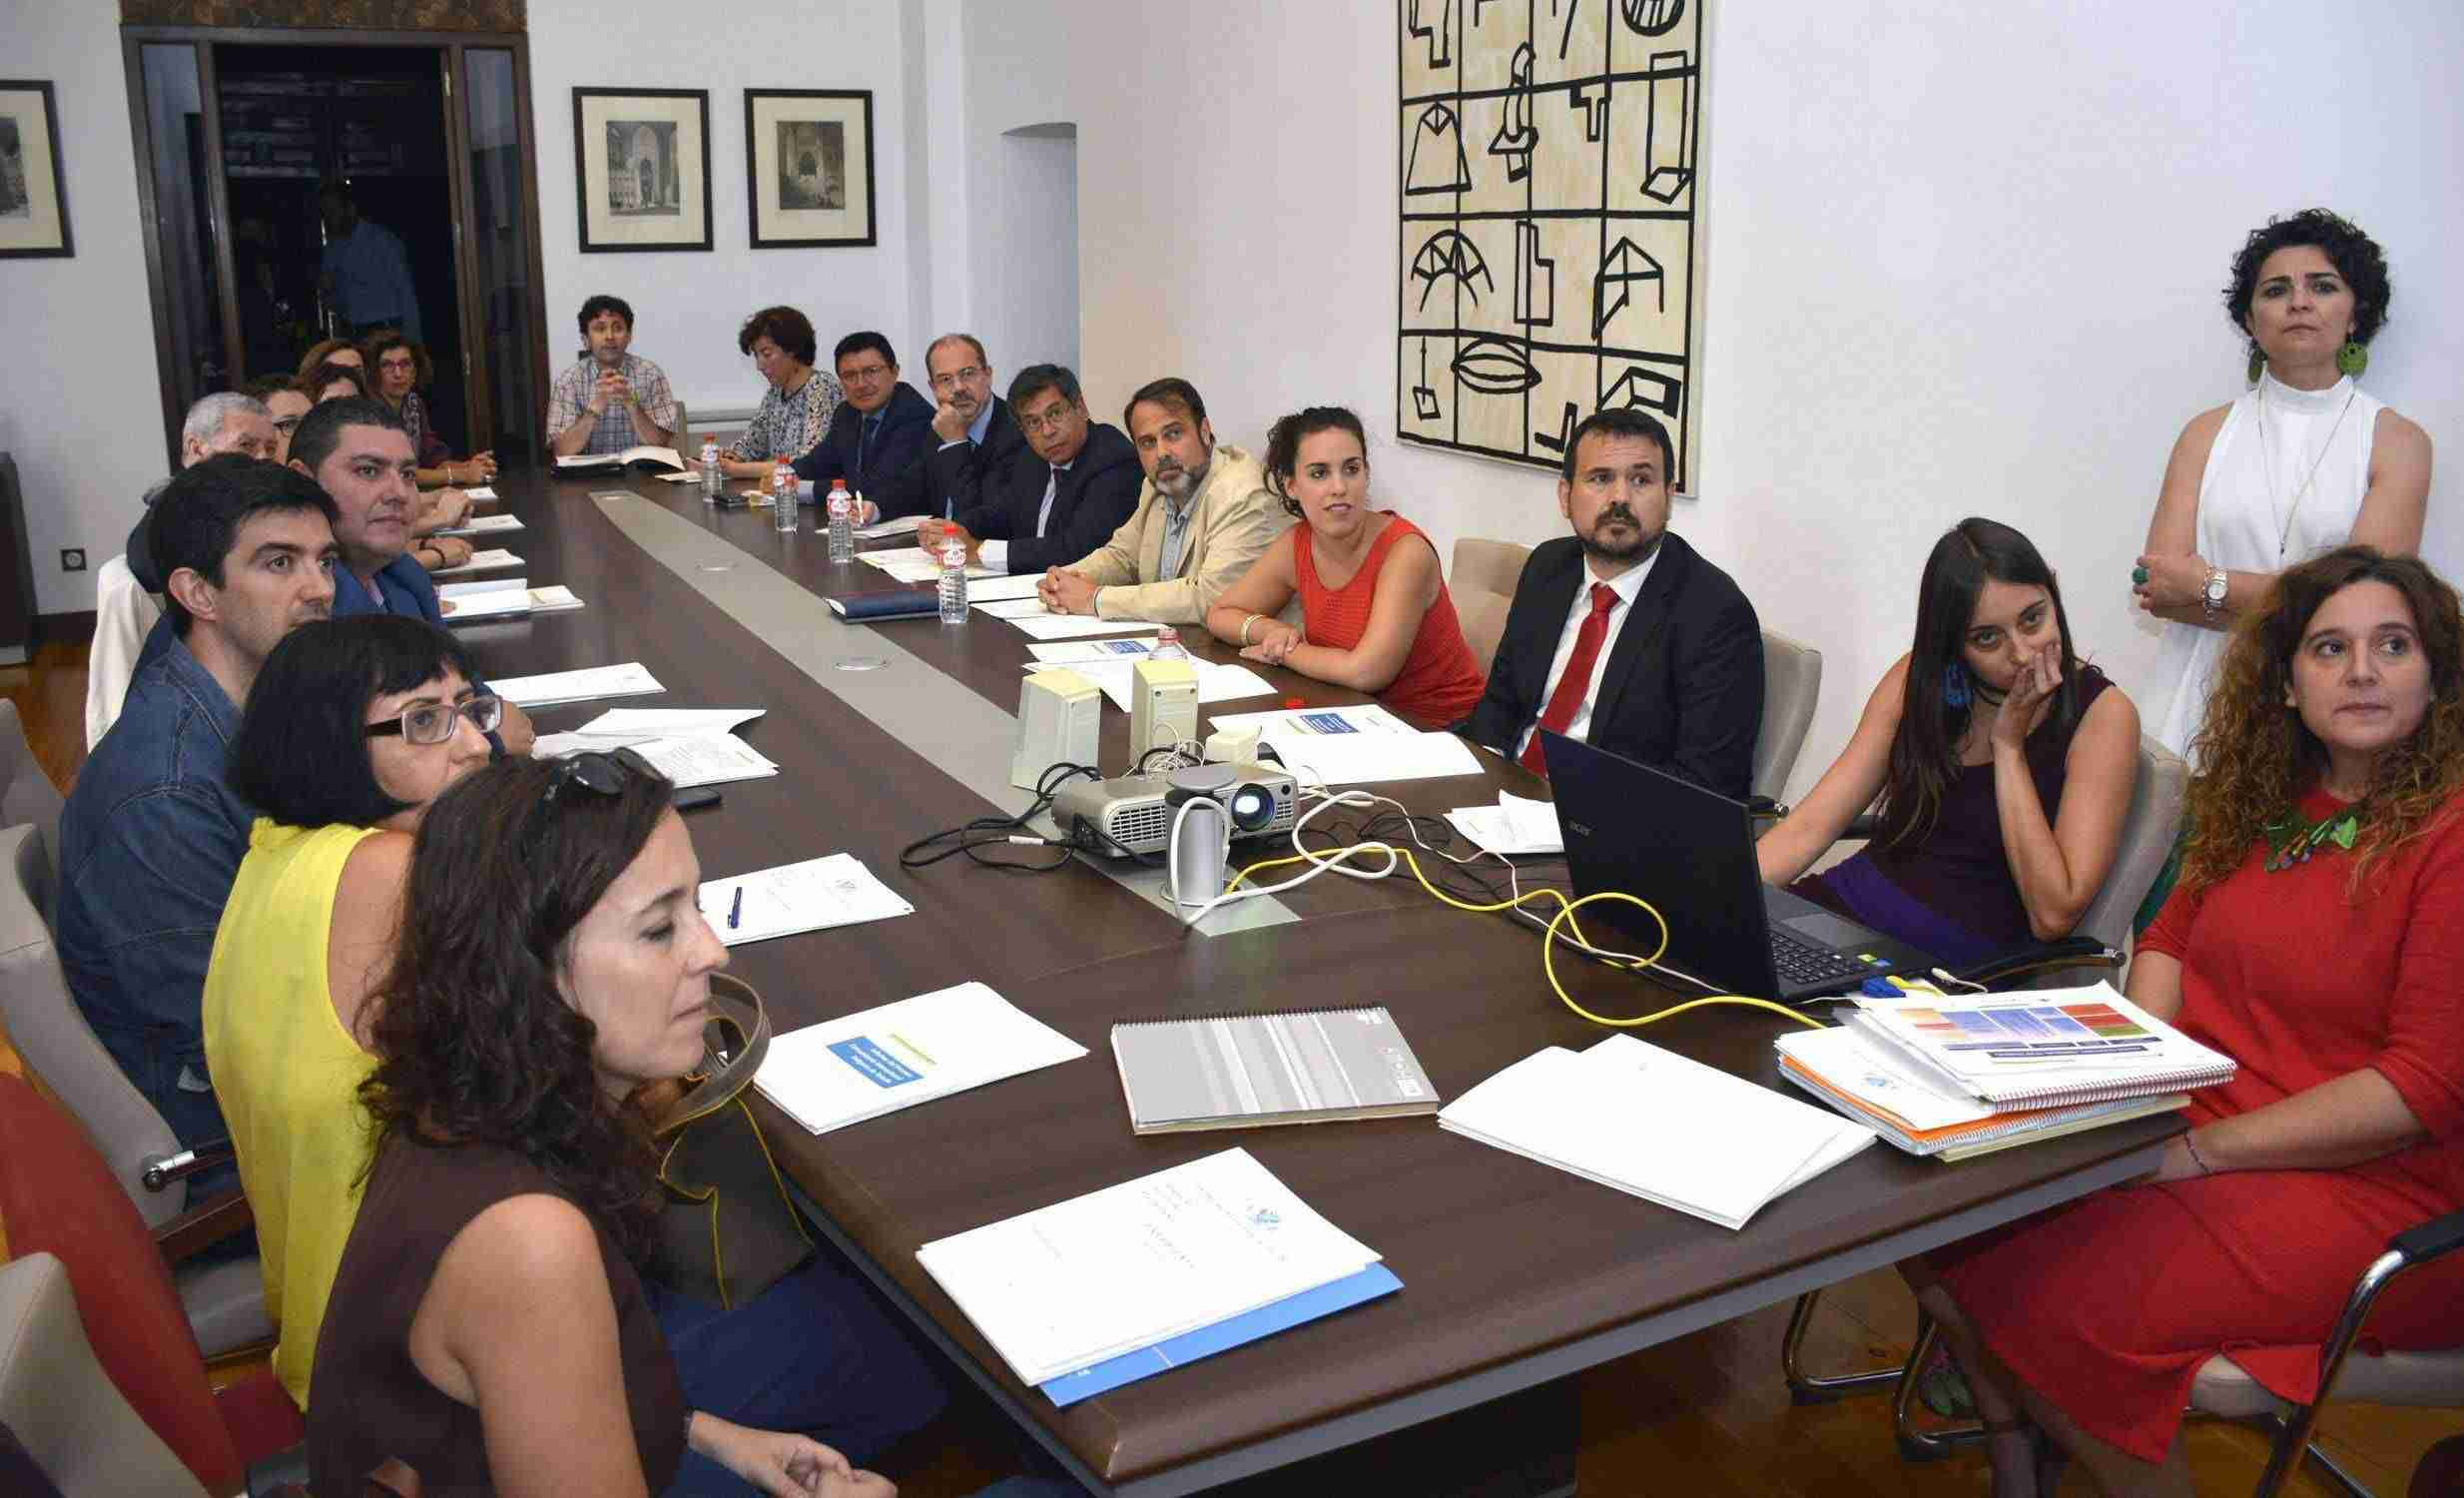 El Proyecto de Intervención Comunitaria del Polígono alcanza el compromiso institucional por la convivencia y la cohesión social 3